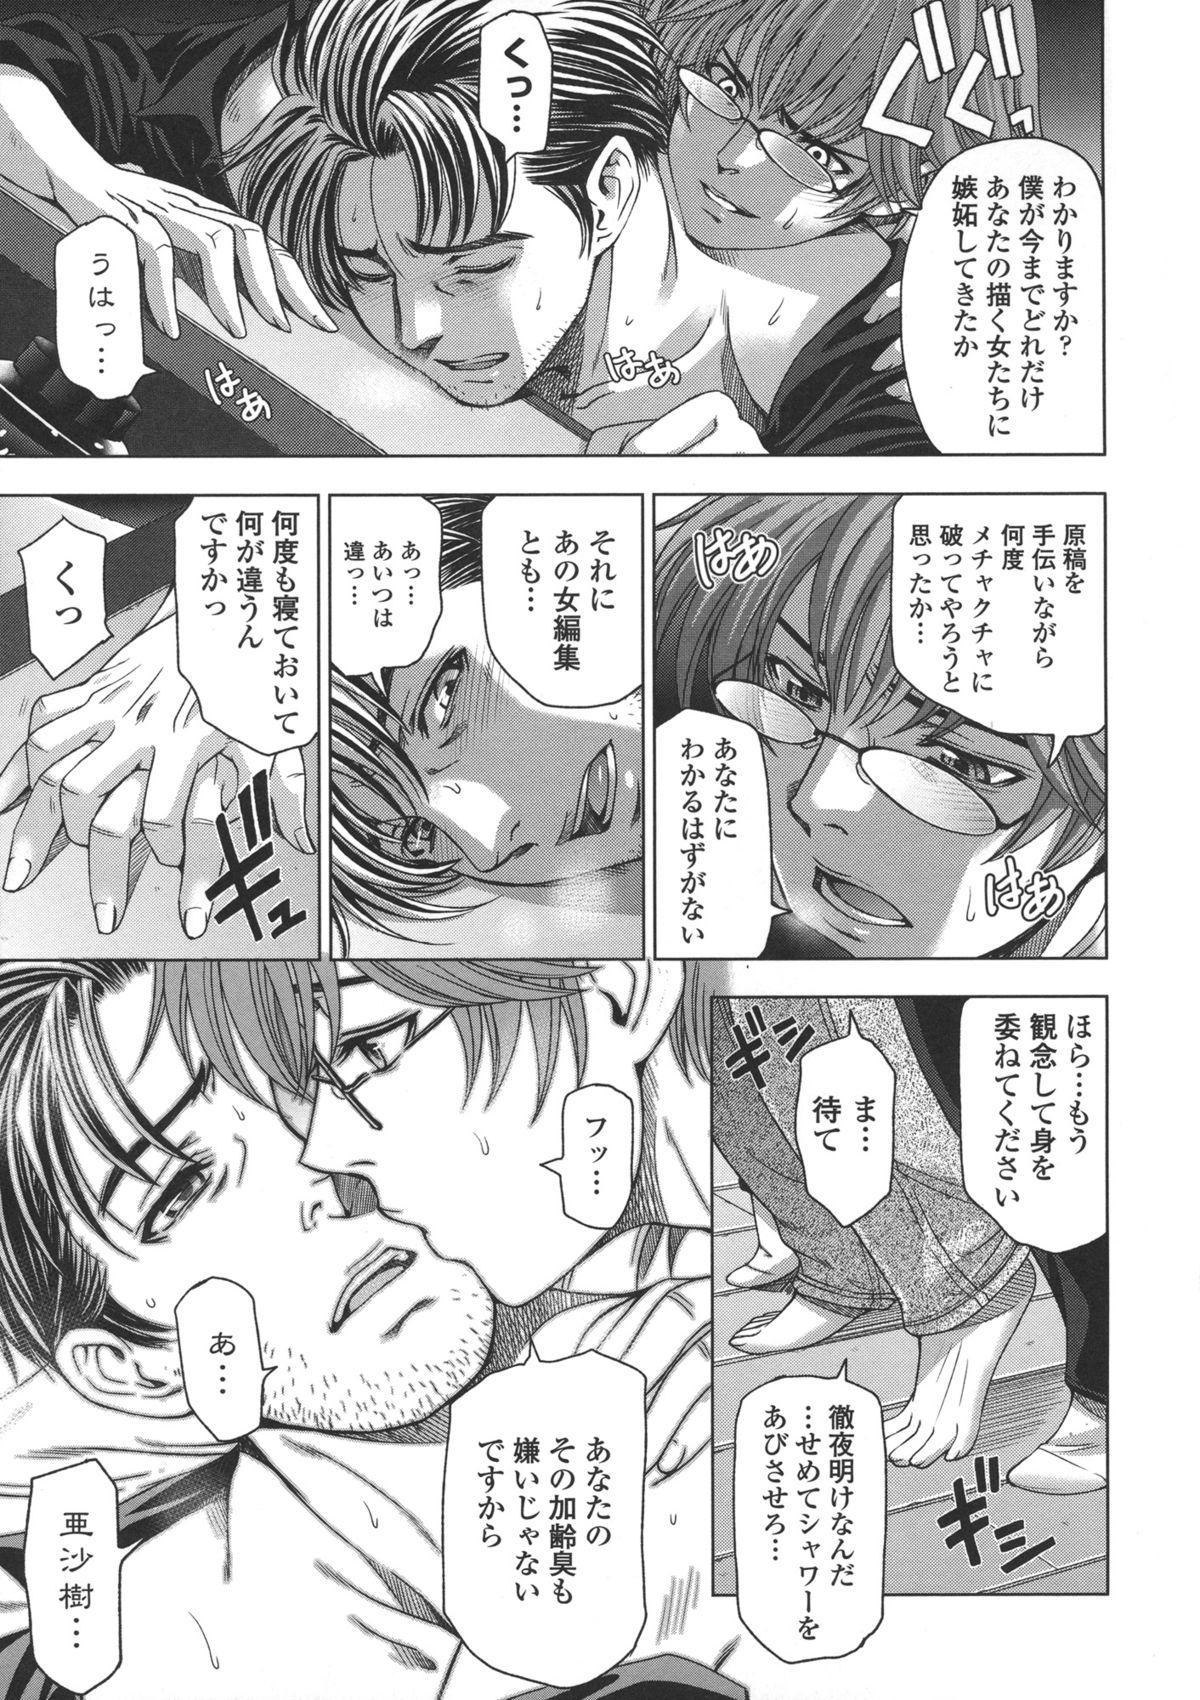 Ane wa Shota o Suki ni Naru 243